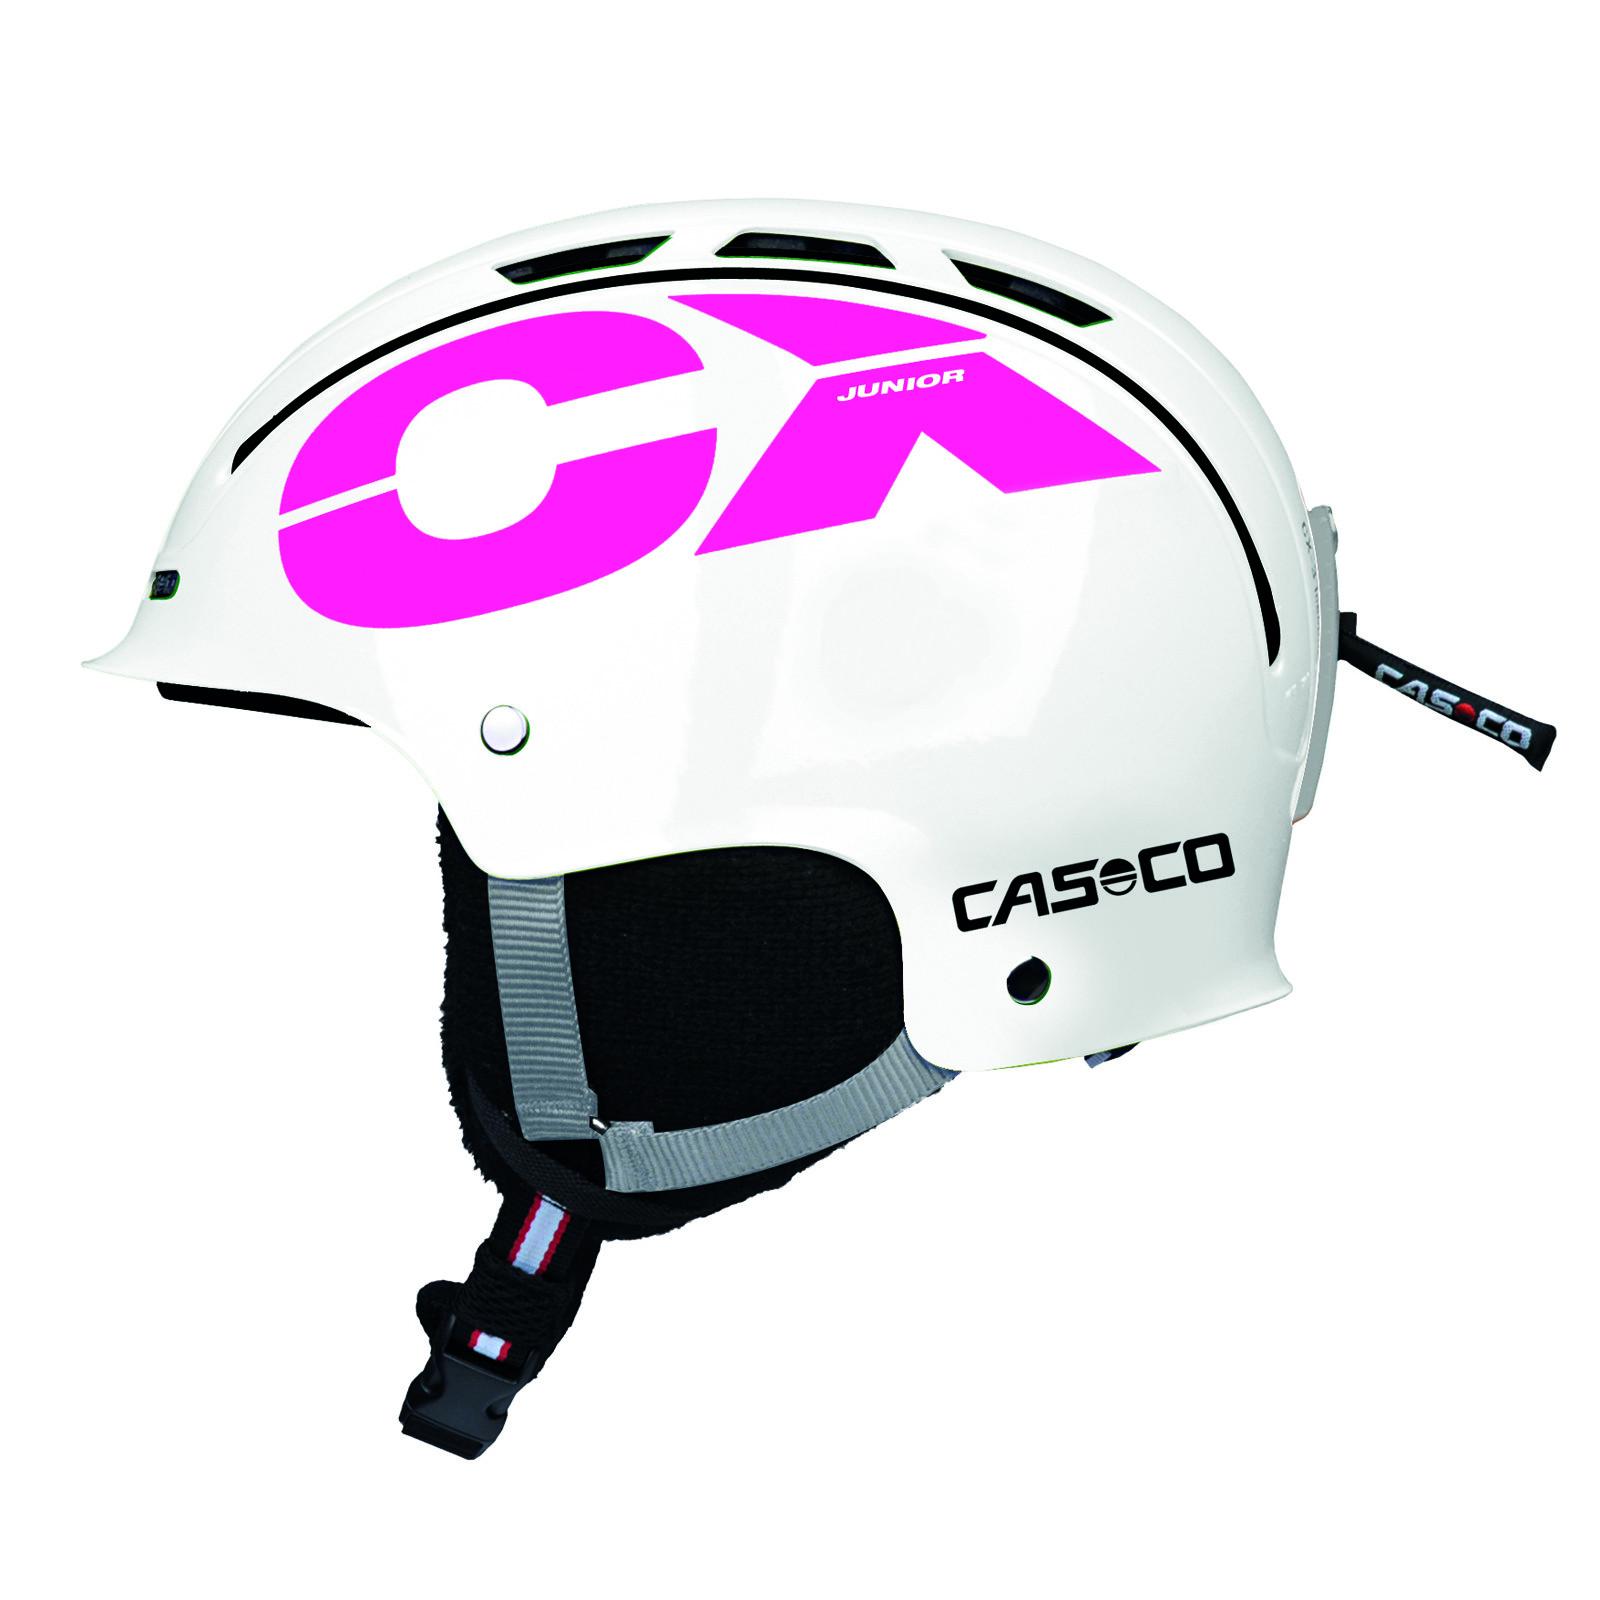 Afbeelding van Casco CX 3 Helm Junior White Pink